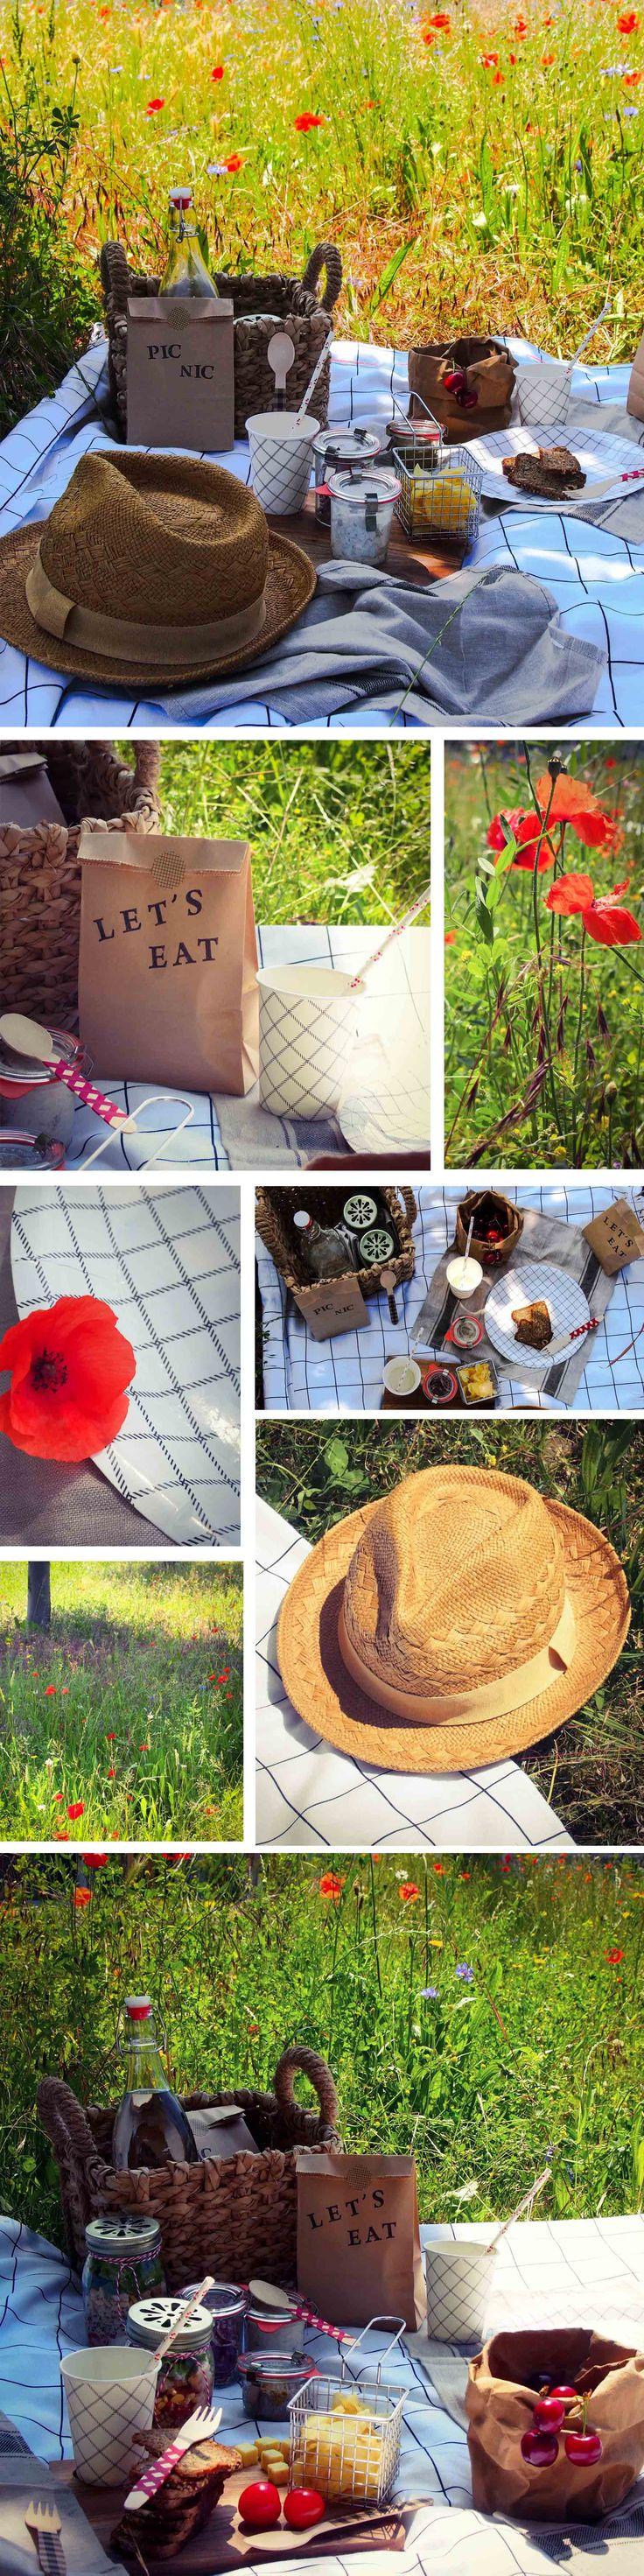 Pique nique rustique dans les champs de coquelicots. Vaisselle et accessoires à retrouver sur www.rosecaramelle.fr #picnic #piquenique #bucolique #champetre #rustique #carreaux #kraft #bois #couverts #pailles #masonjars #paniers #vaisselle